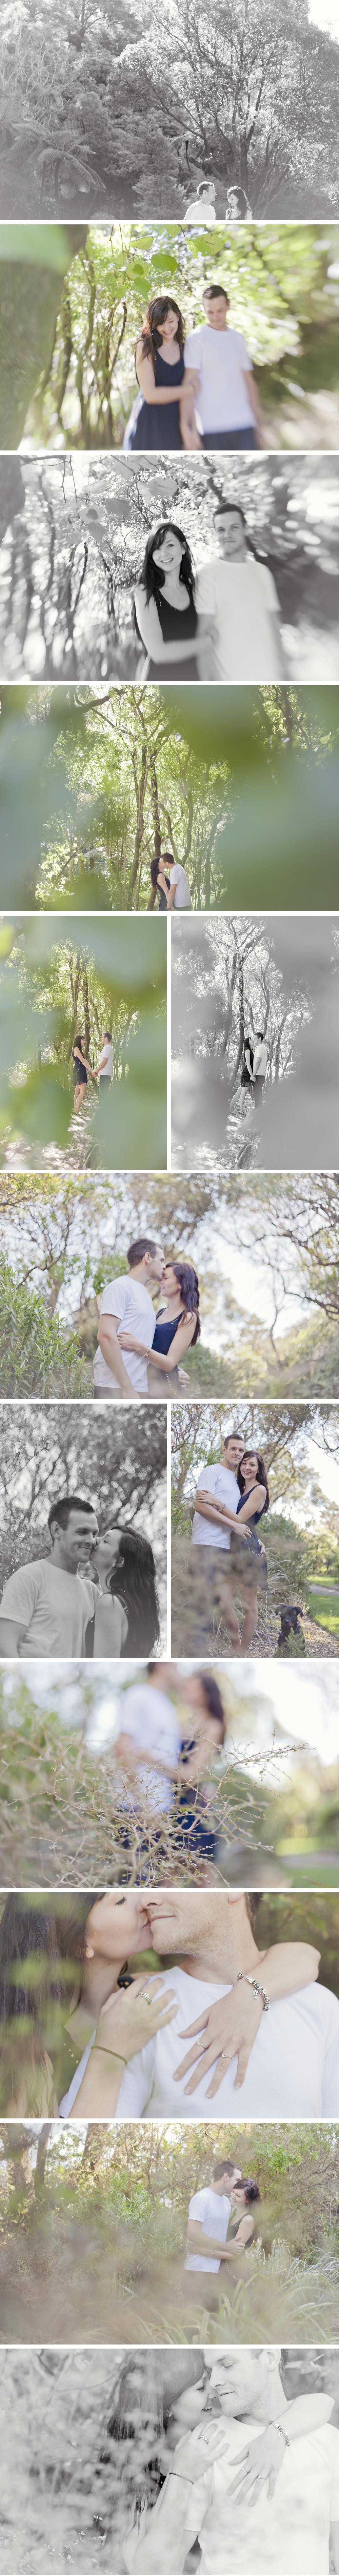 Engagement Photo session, Wellington wedding photography.